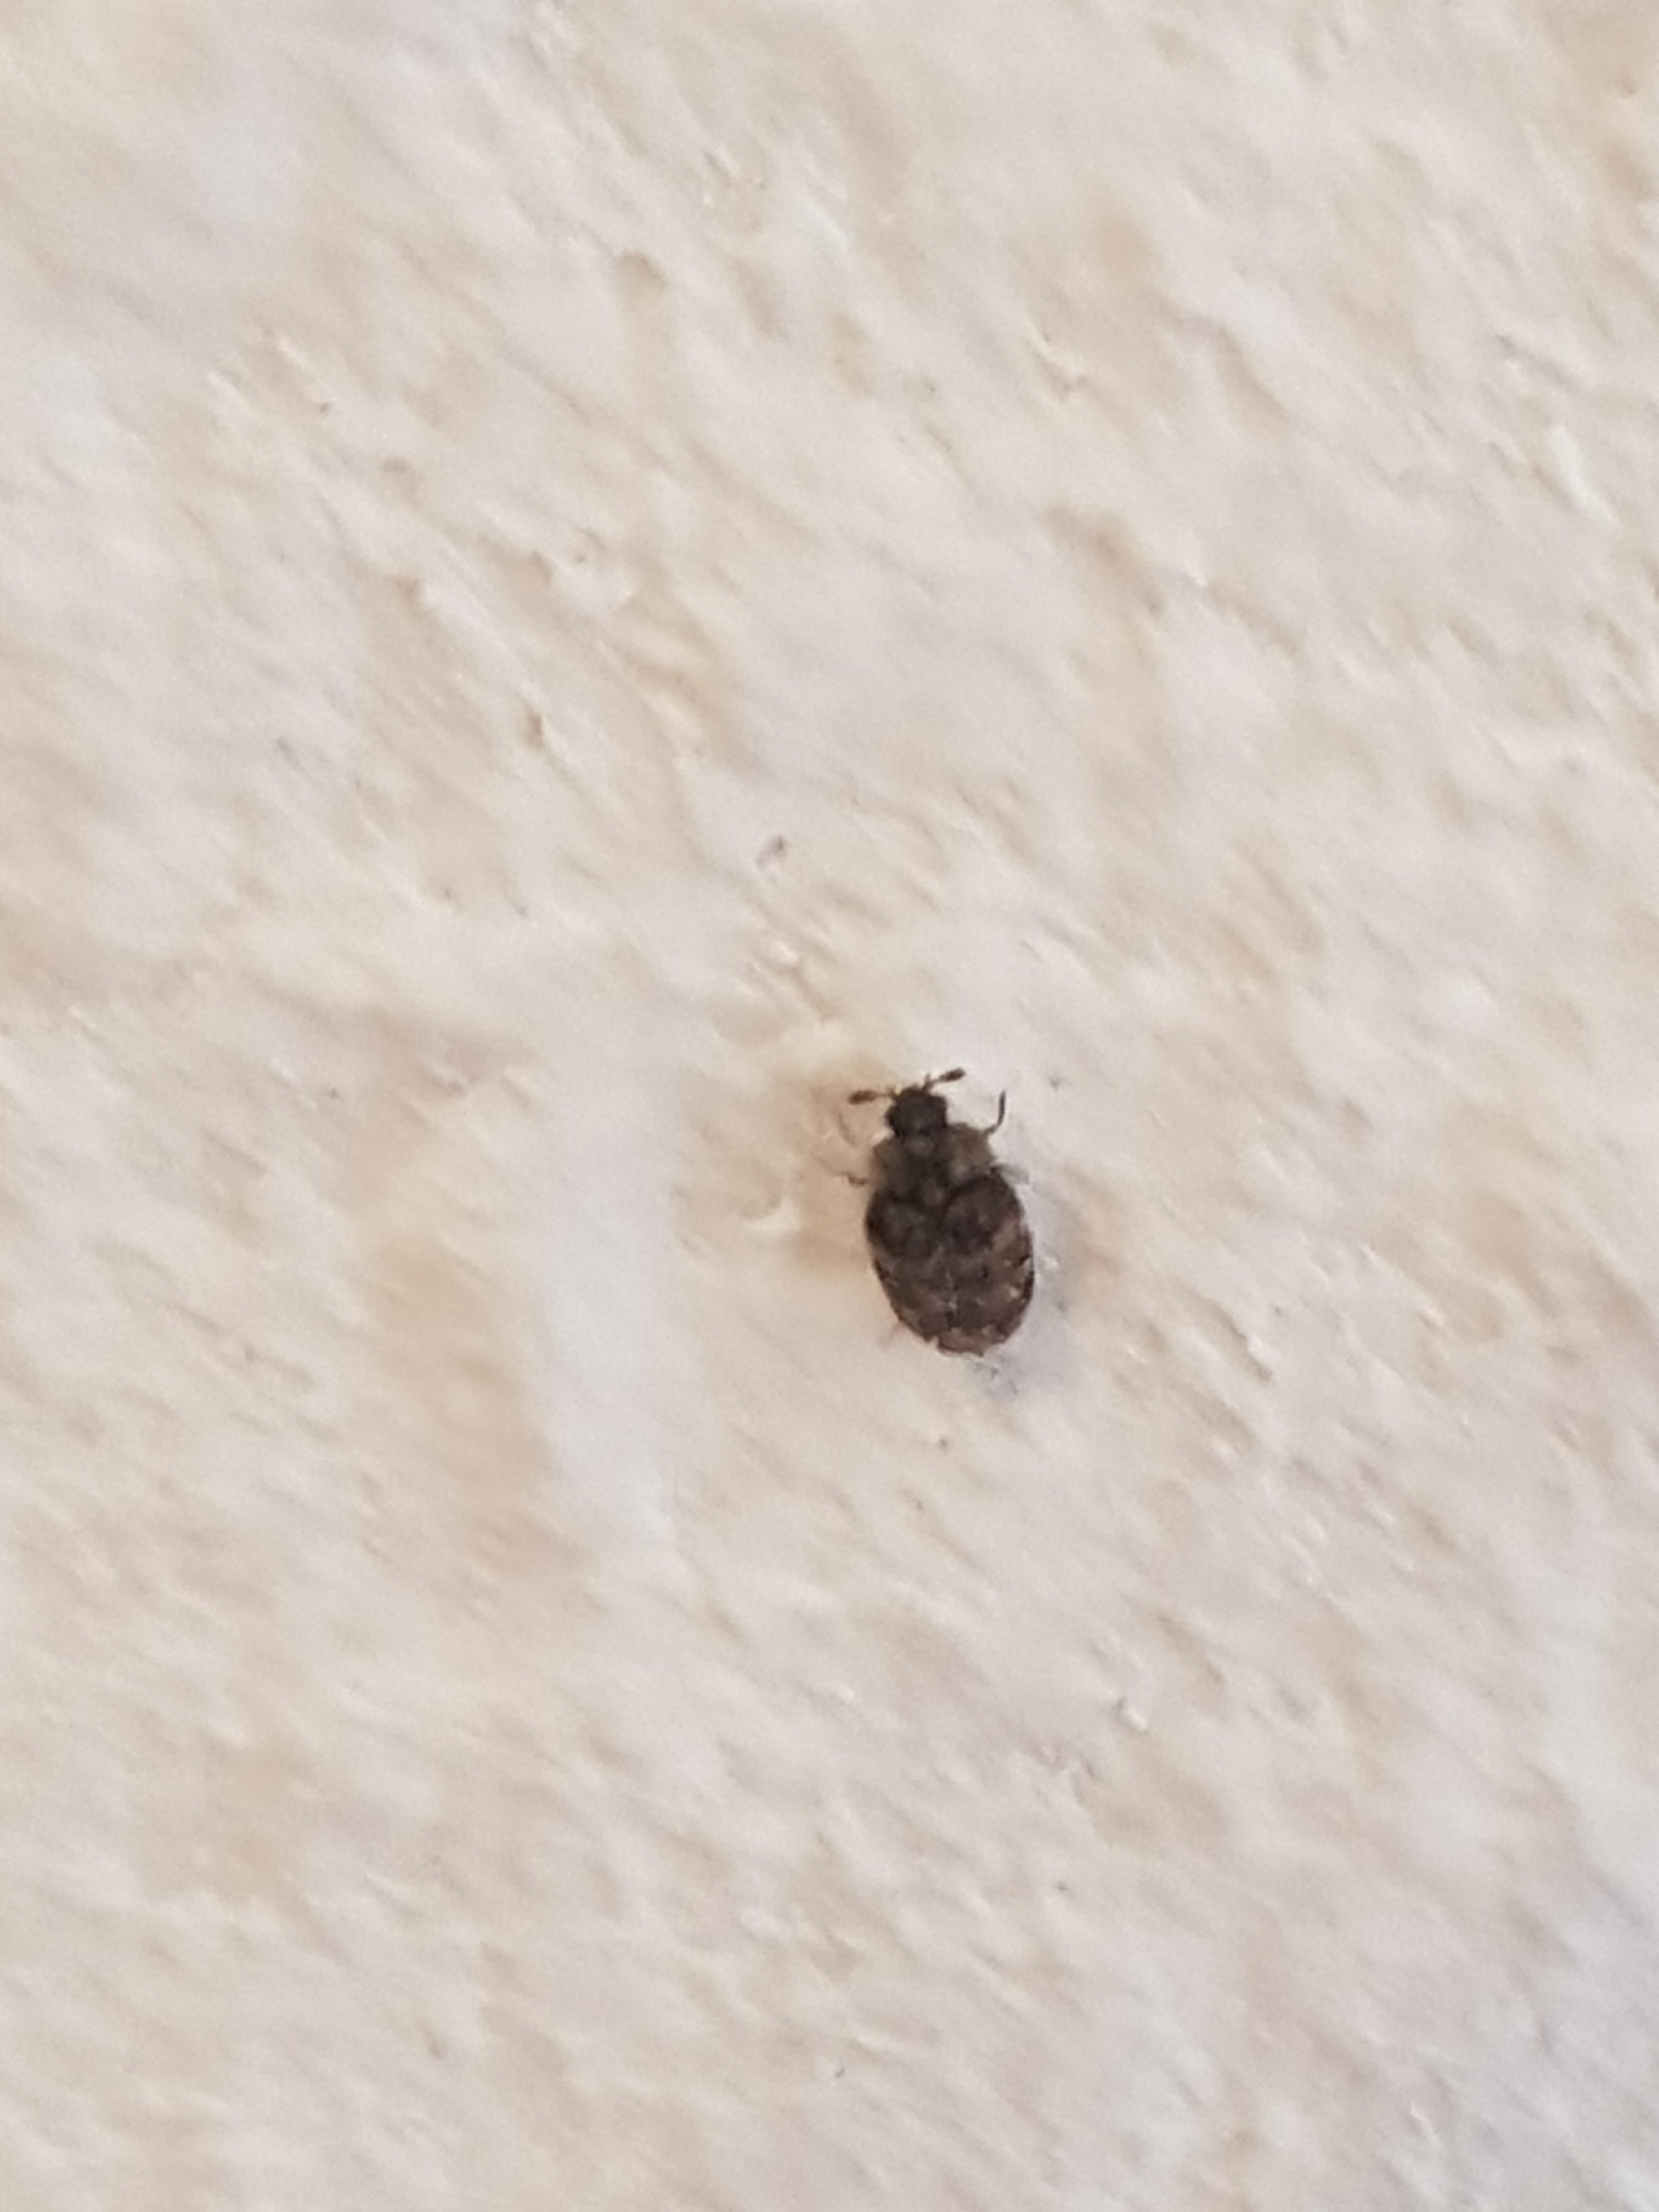 Käfer Küche kammerjaeger de thema anzeigen käfer in der wohnung